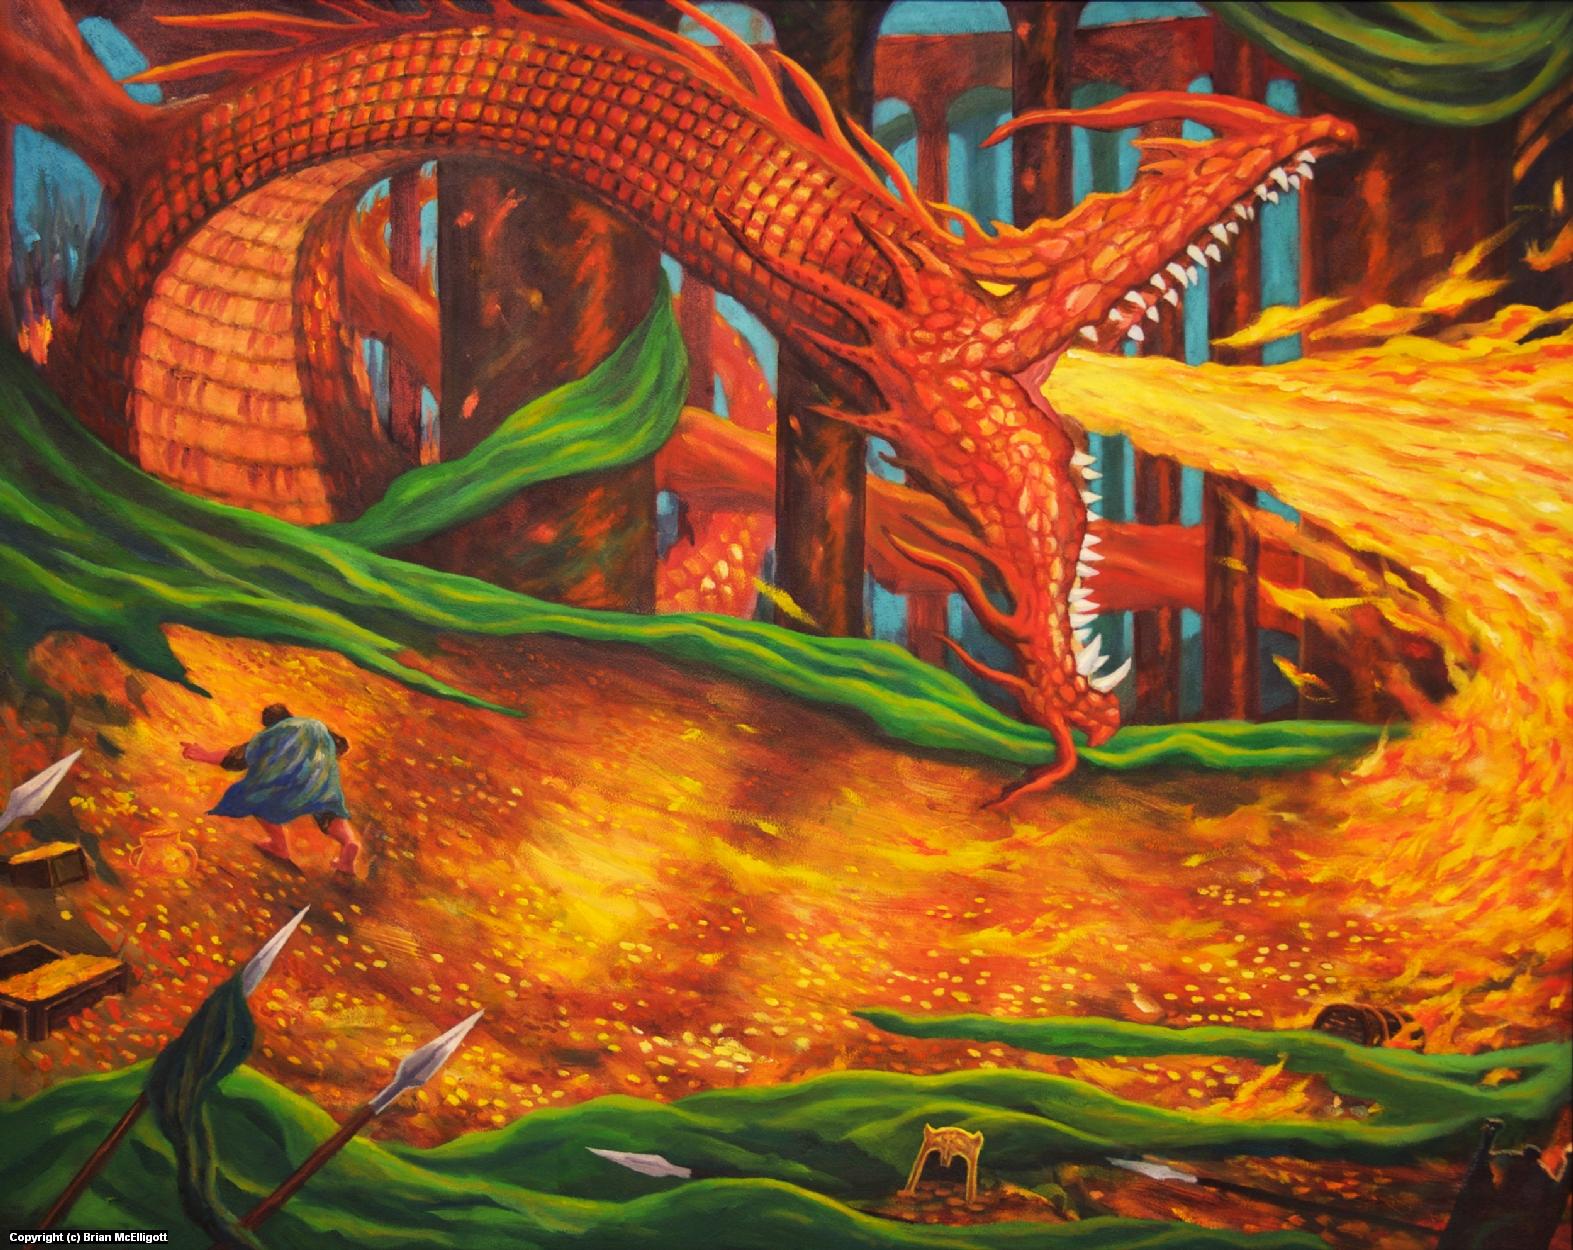 Smaug Artwork by Brian McElligott